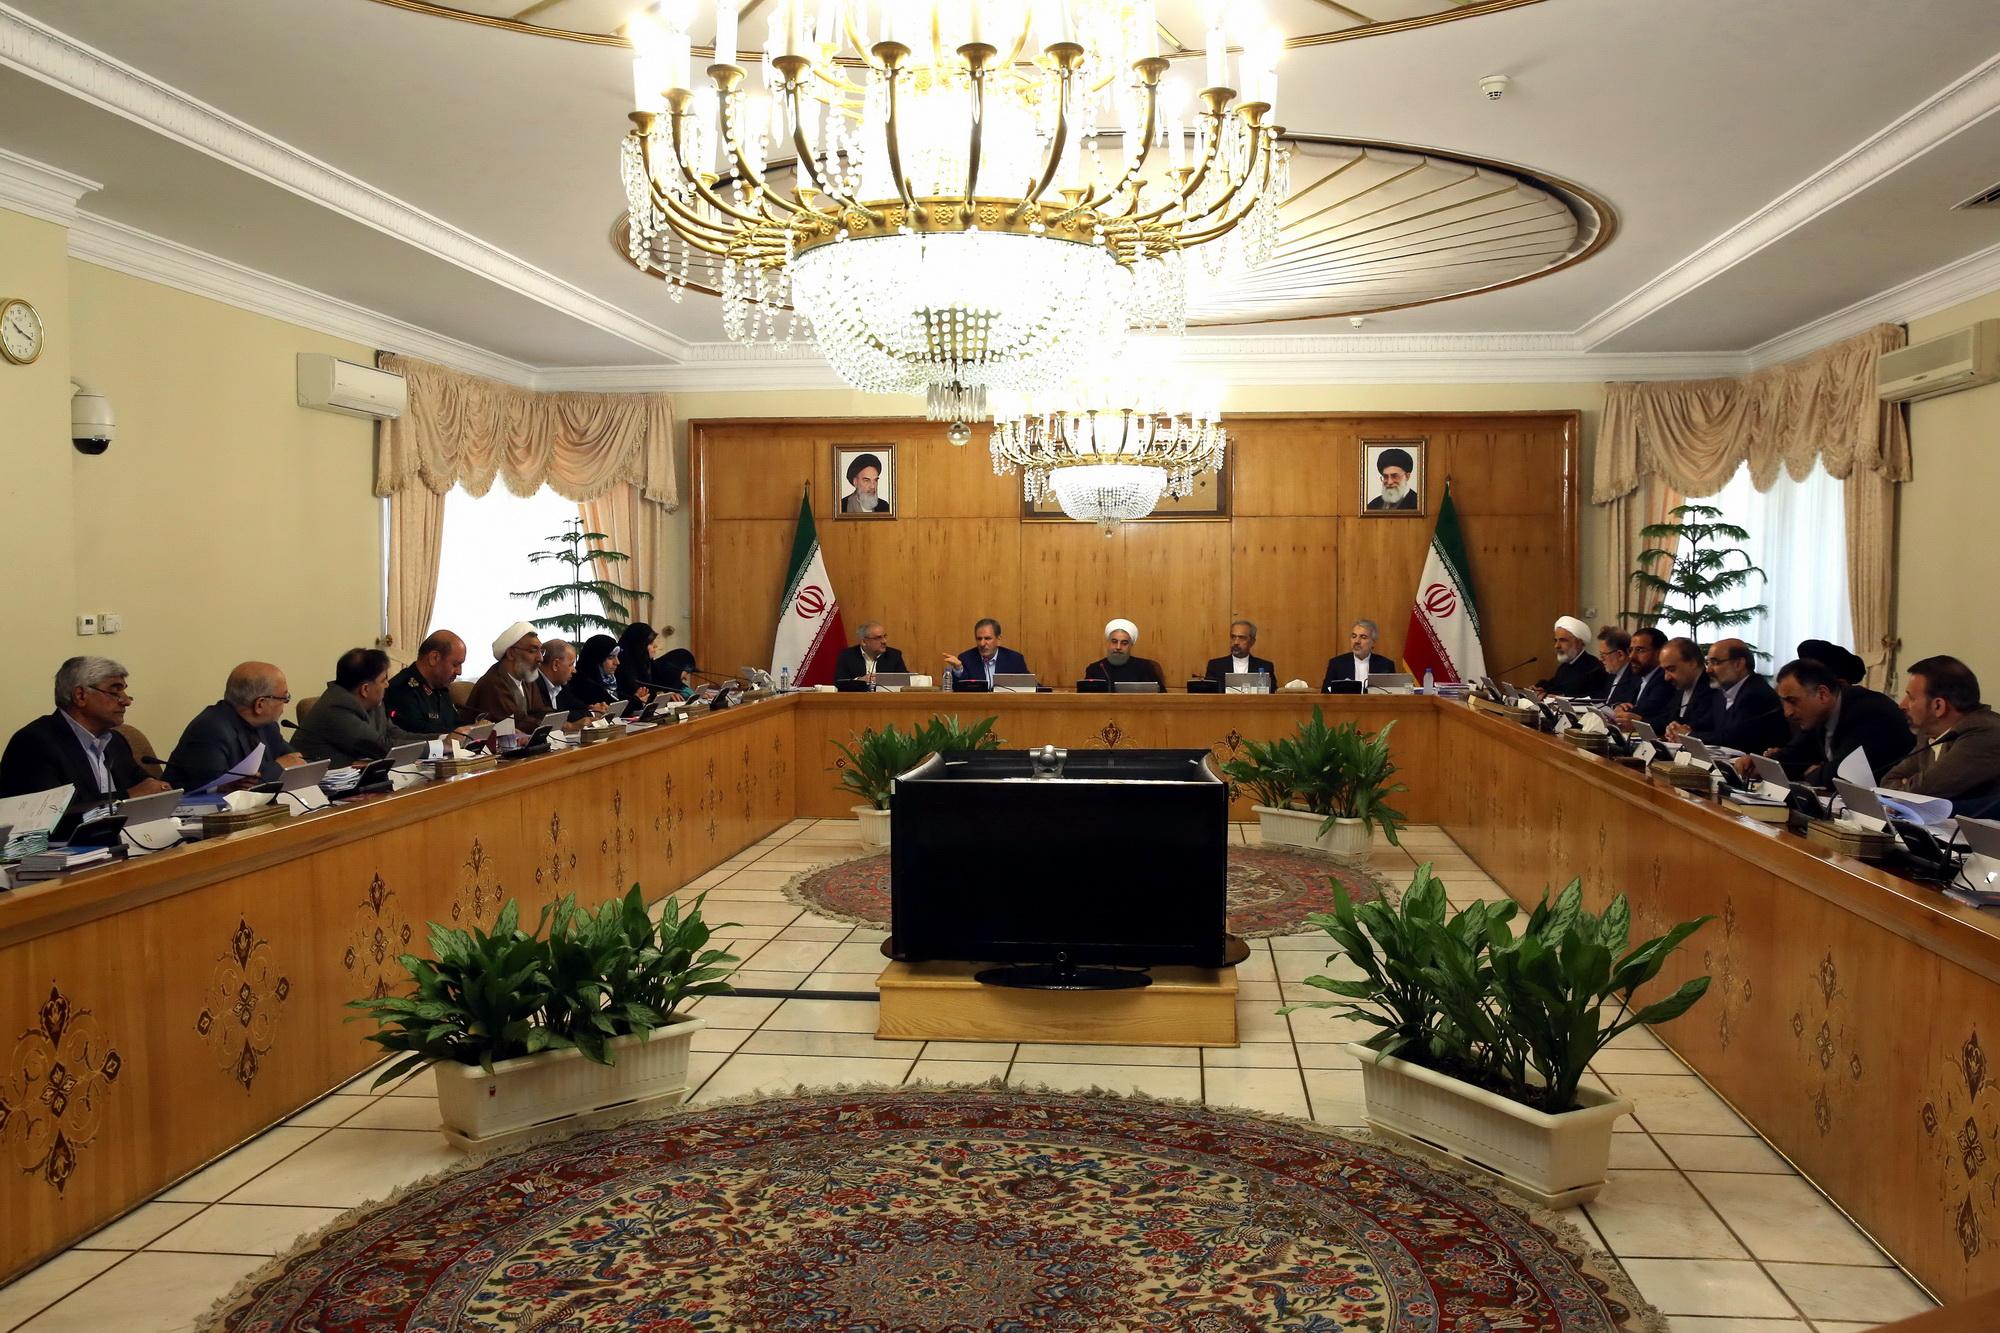 تعیین استانداران هفت استان/ وزرای منتخب برای عضویت در شورای پول و اعتبار و مجمع عمومی بانک مرکزی تعیین شدند